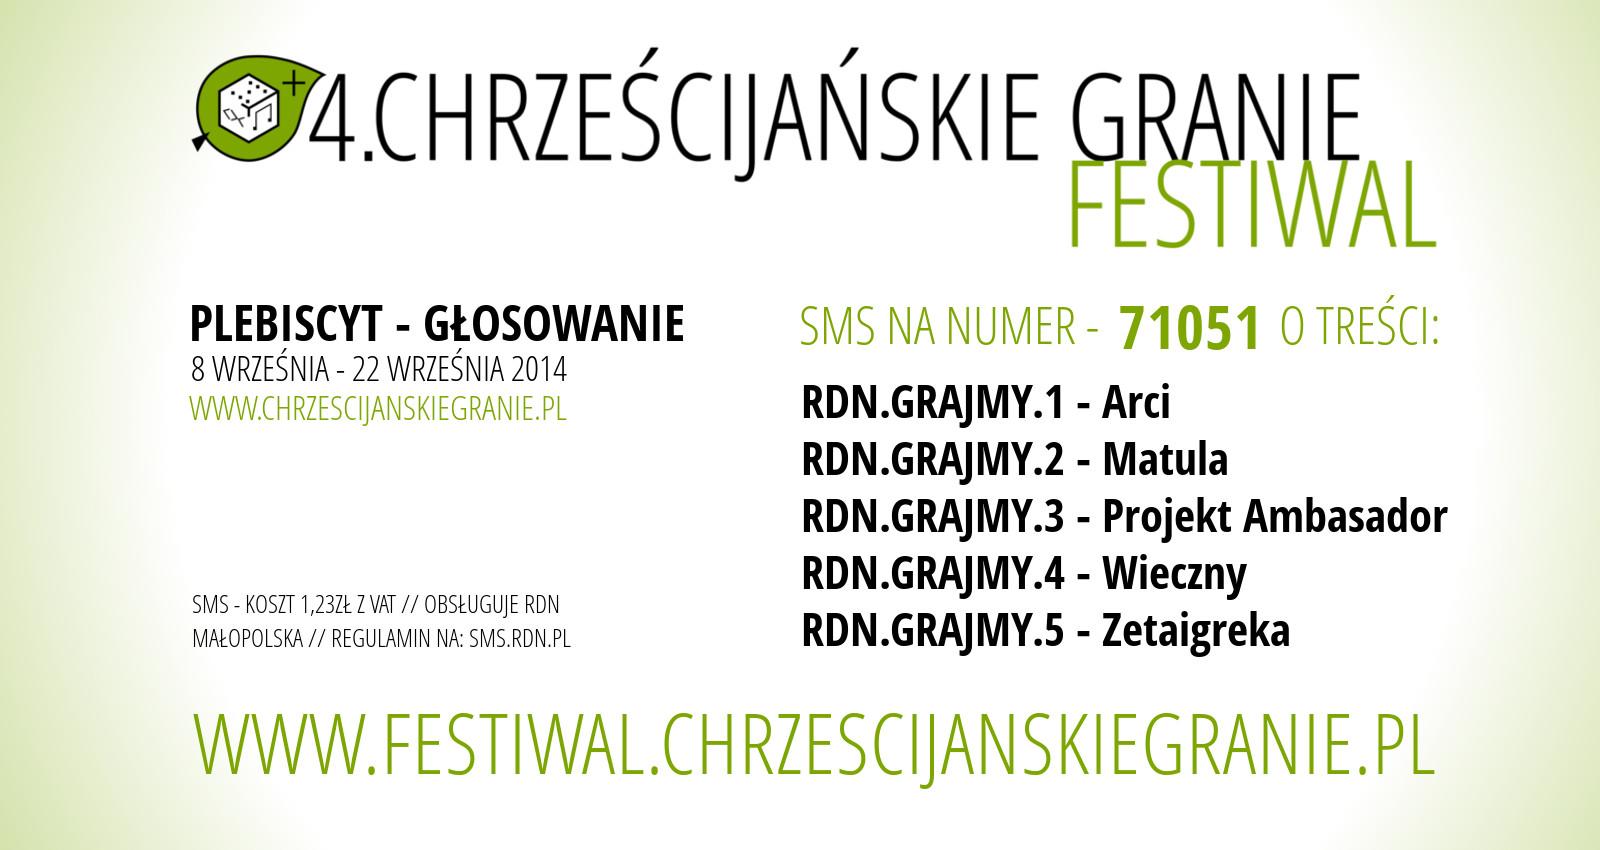 4. Festiwal Chrześcijańskie Granie - rusza głosowanie!